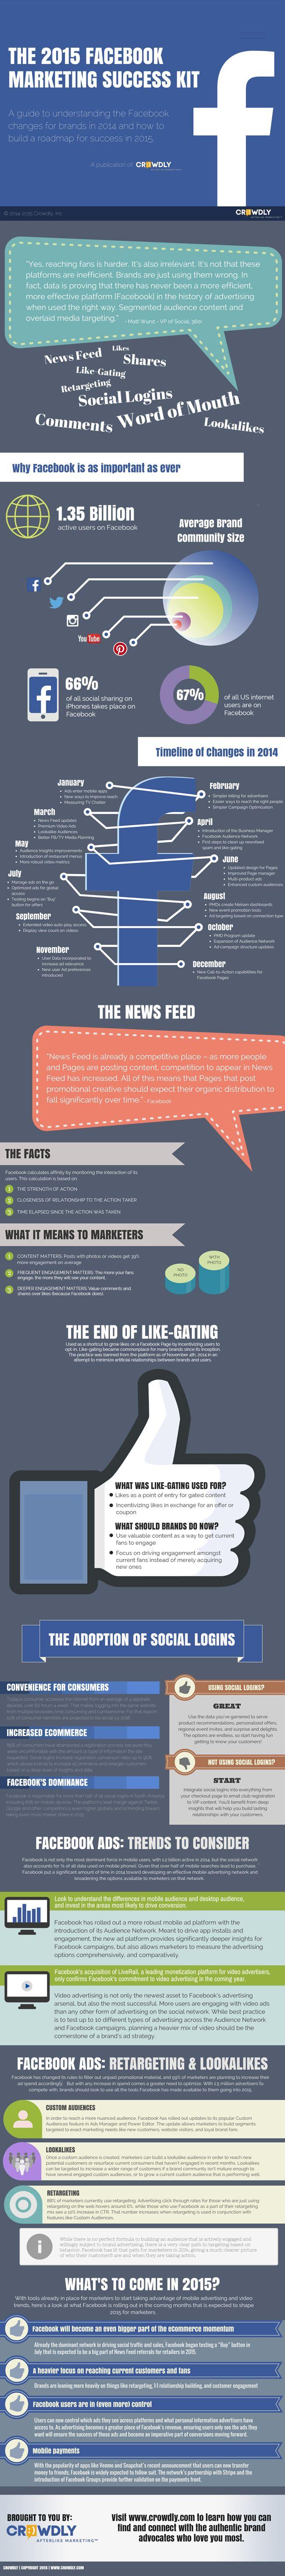 Um infográfico interessante para compreender as novidades no Facebook e como as utilizar eficientemente em 2015!